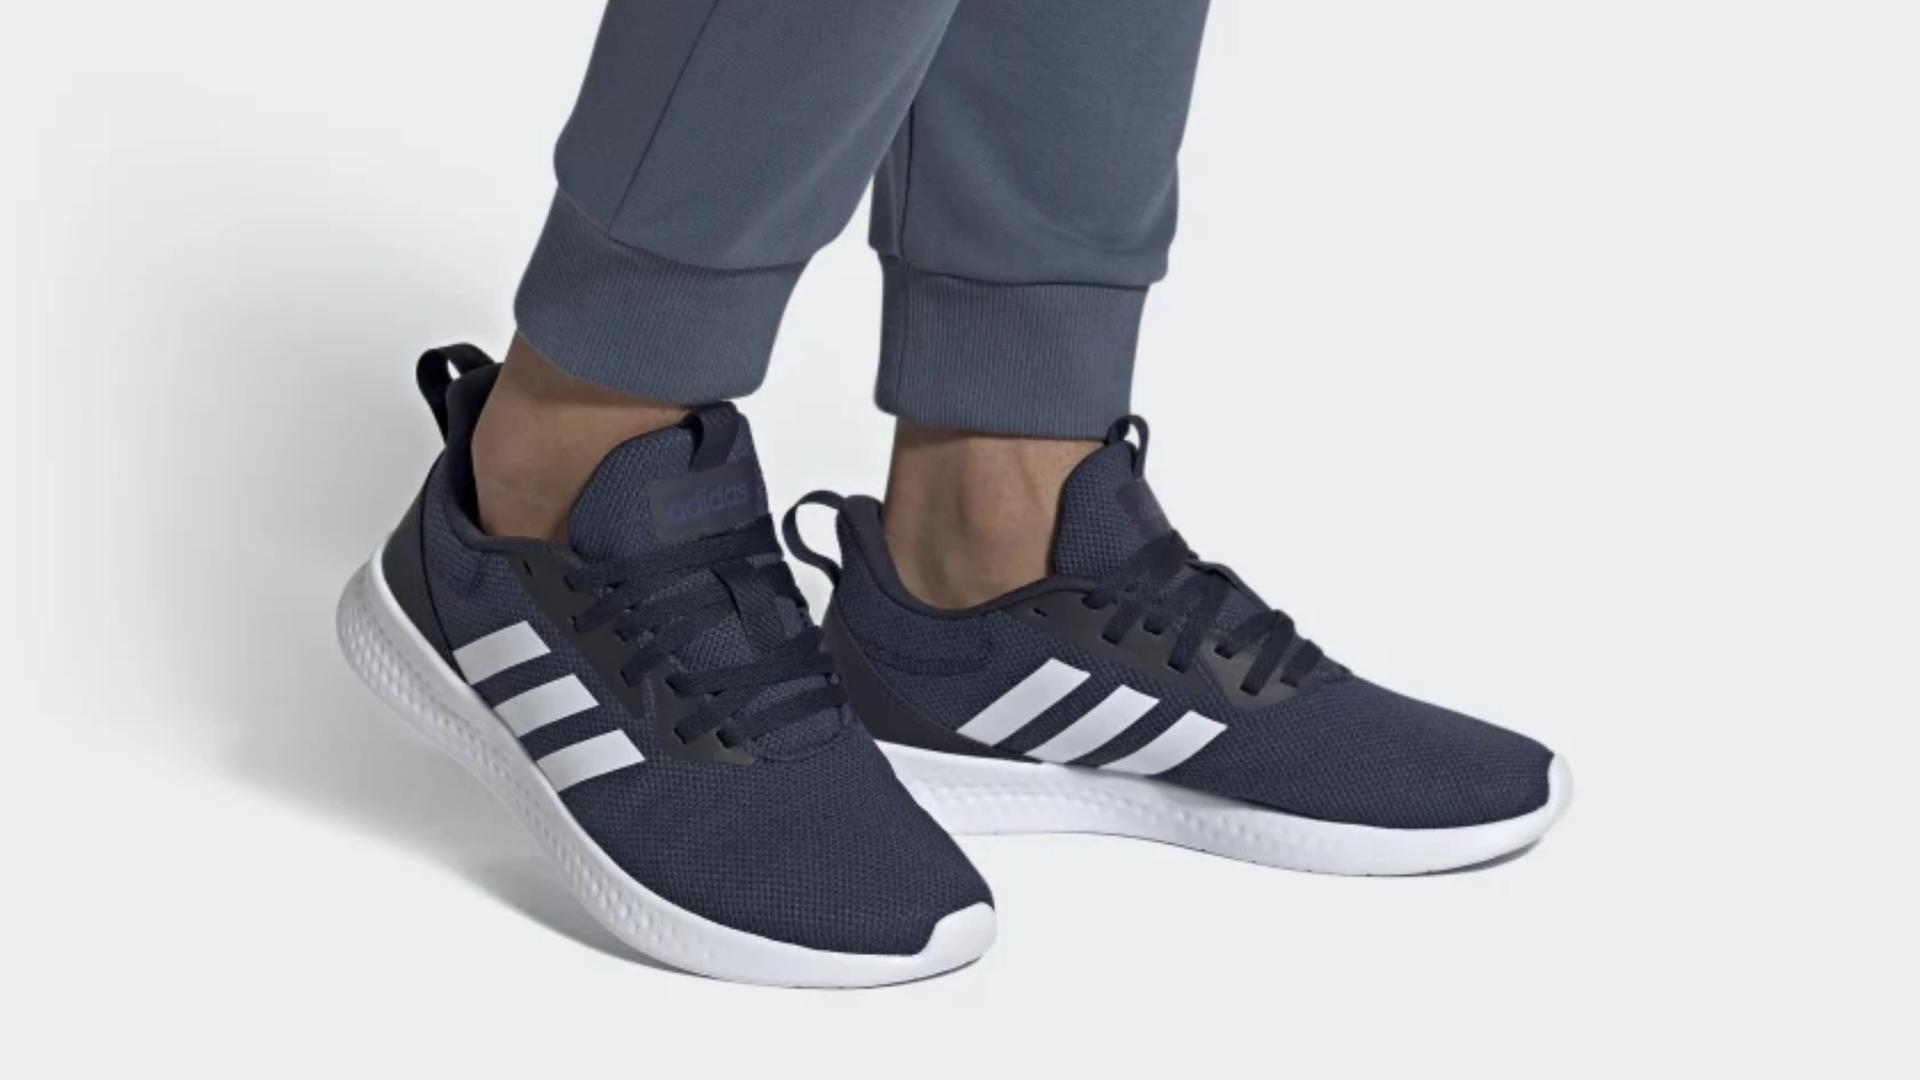 Adidas Puremotion é indicado para pisadas neutras e para quem está iniciando na prática da corrida (Imagem: Divulgação/Adidas)